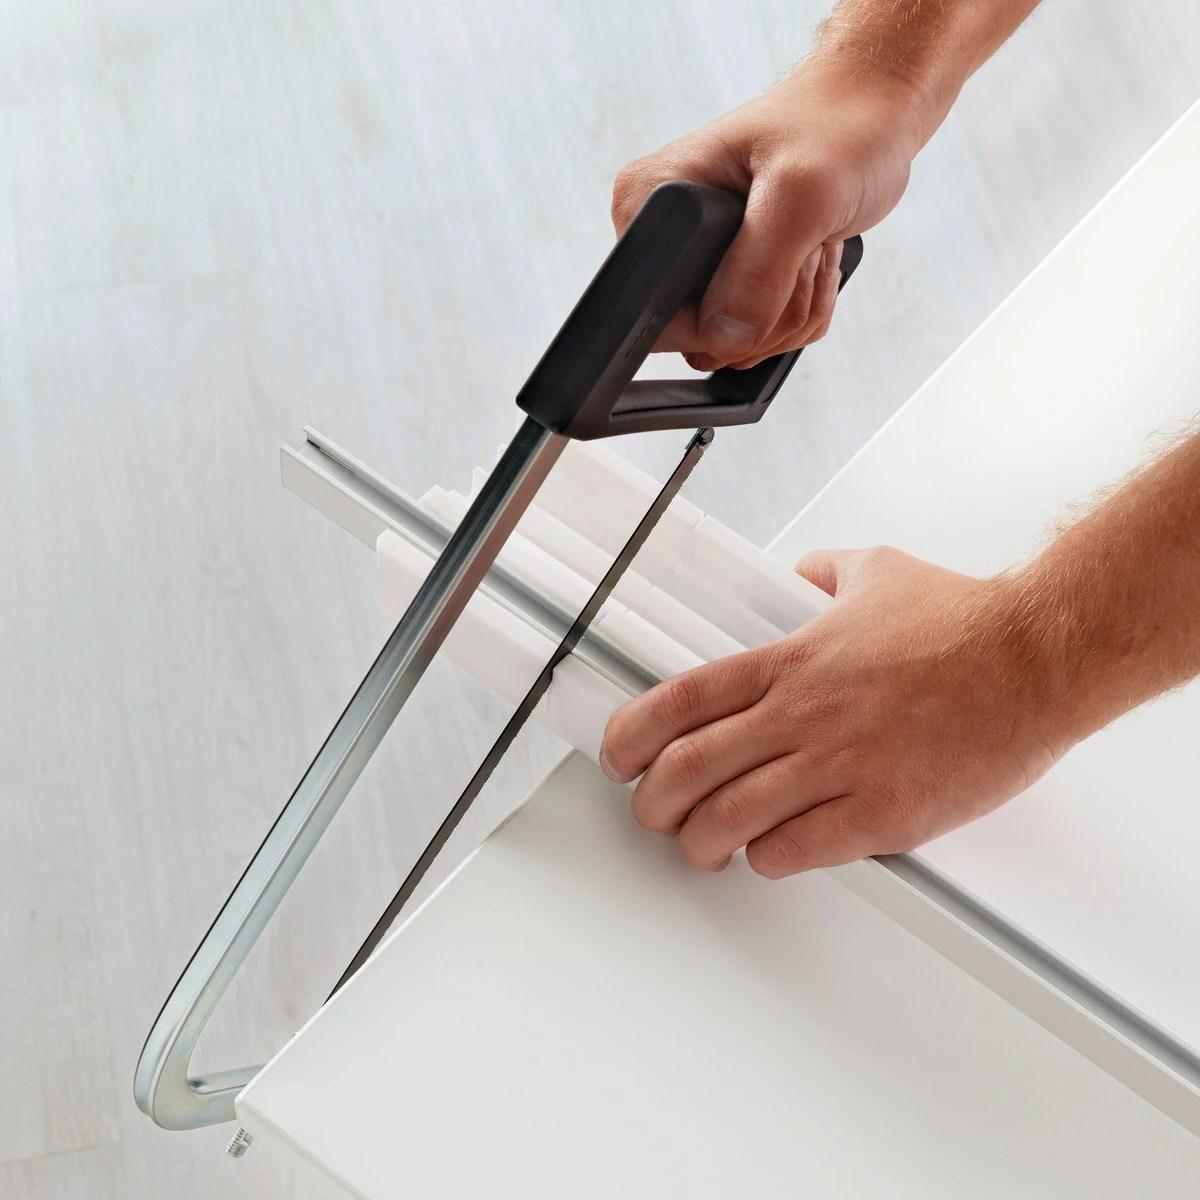 La sua lunghezza deve essere tale da comprendere, da un lato della. Binari E Sistemi Per Tende Vigda Ikea Svizzera